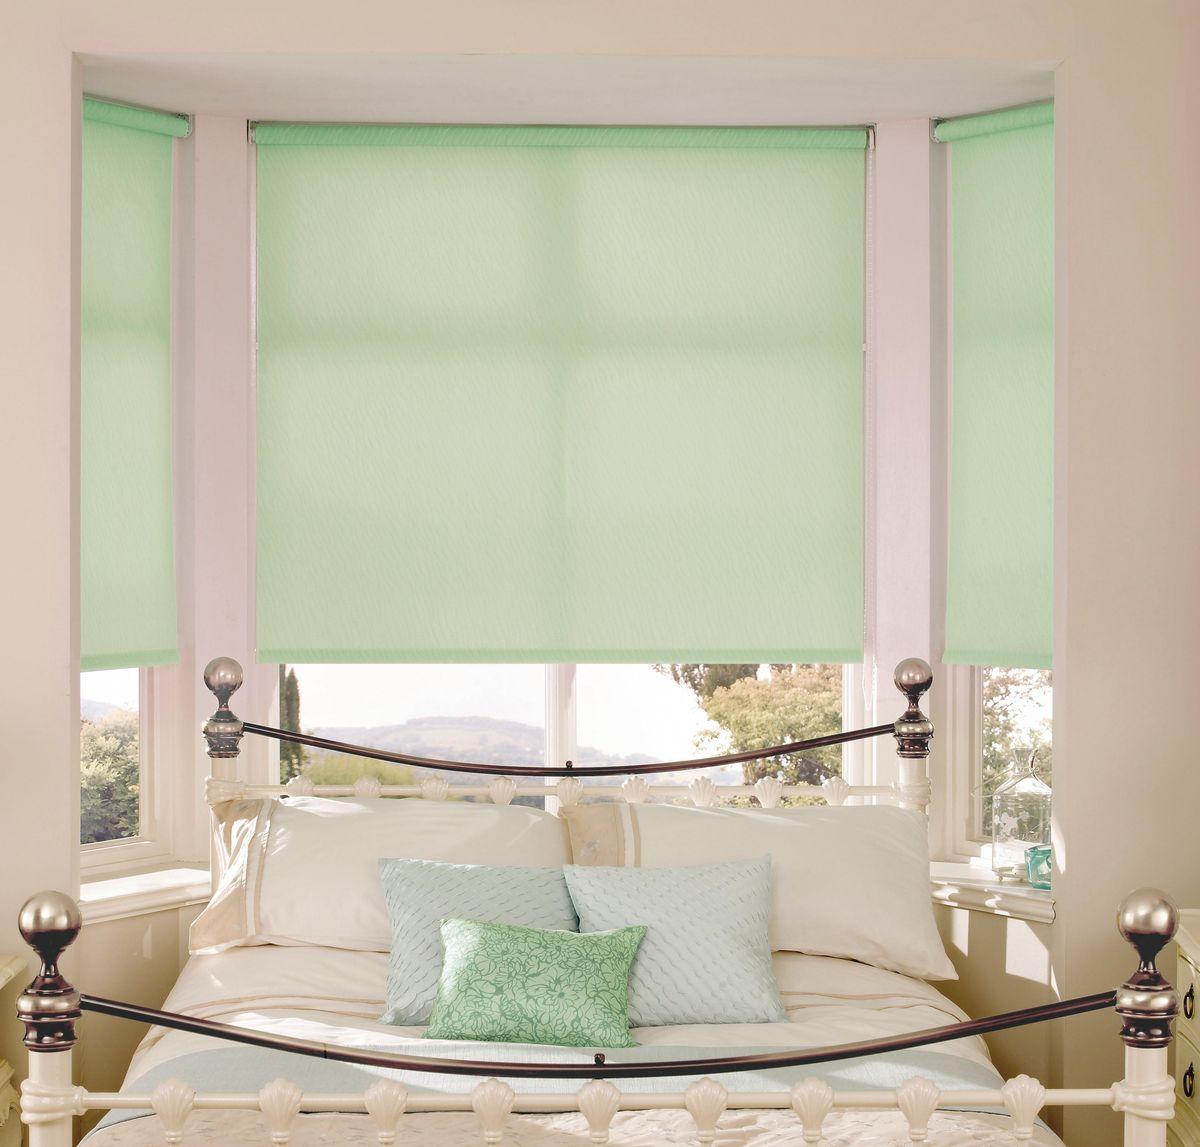 Штора рулонная Эскар, цвет: светло-зеленый, ширина 150 см, высота 170 см81017150170Рулонными шторами можно оформлять окна как самостоятельно, так и использовать в комбинации с портьерами. Это поможет предотвратить выгорание дорогой ткани на солнце и соединит функционал рулонных с красотой навесных.Преимущества применения рулонных штор для пластиковых окон:- имеют прекрасный внешний вид: многообразие и фактурность материала изделия отлично смотрятся в любом интерьере; - многофункциональны: есть возможность подобрать шторы способные эффективно защитить комнату от солнца, при этом о на не будет слишком темной. - Есть возможность осуществить быстрый монтаж. ВНИМАНИЕ! Размеры ширины изделия указаны по ширине ткани!Во время эксплуатации не рекомендуется полностью разматывать рулон, чтобы не оторвать ткань от намоточного вала.В случае загрязнения поверхности ткани, чистку шторы проводят одним из способов, в зависимости от типа загрязнения: легкое поверхностное загрязнение можно удалить при помощи канцелярского ластика; чистка от пыли производится сухим методом при помощи пылесоса с мягкой щеткой-насадкой; для удаления пятна используйте мягкую губку с пенообразующим неагрессивным моющим средством или пятновыводитель на натуральной основе (нельзя применять растворители).